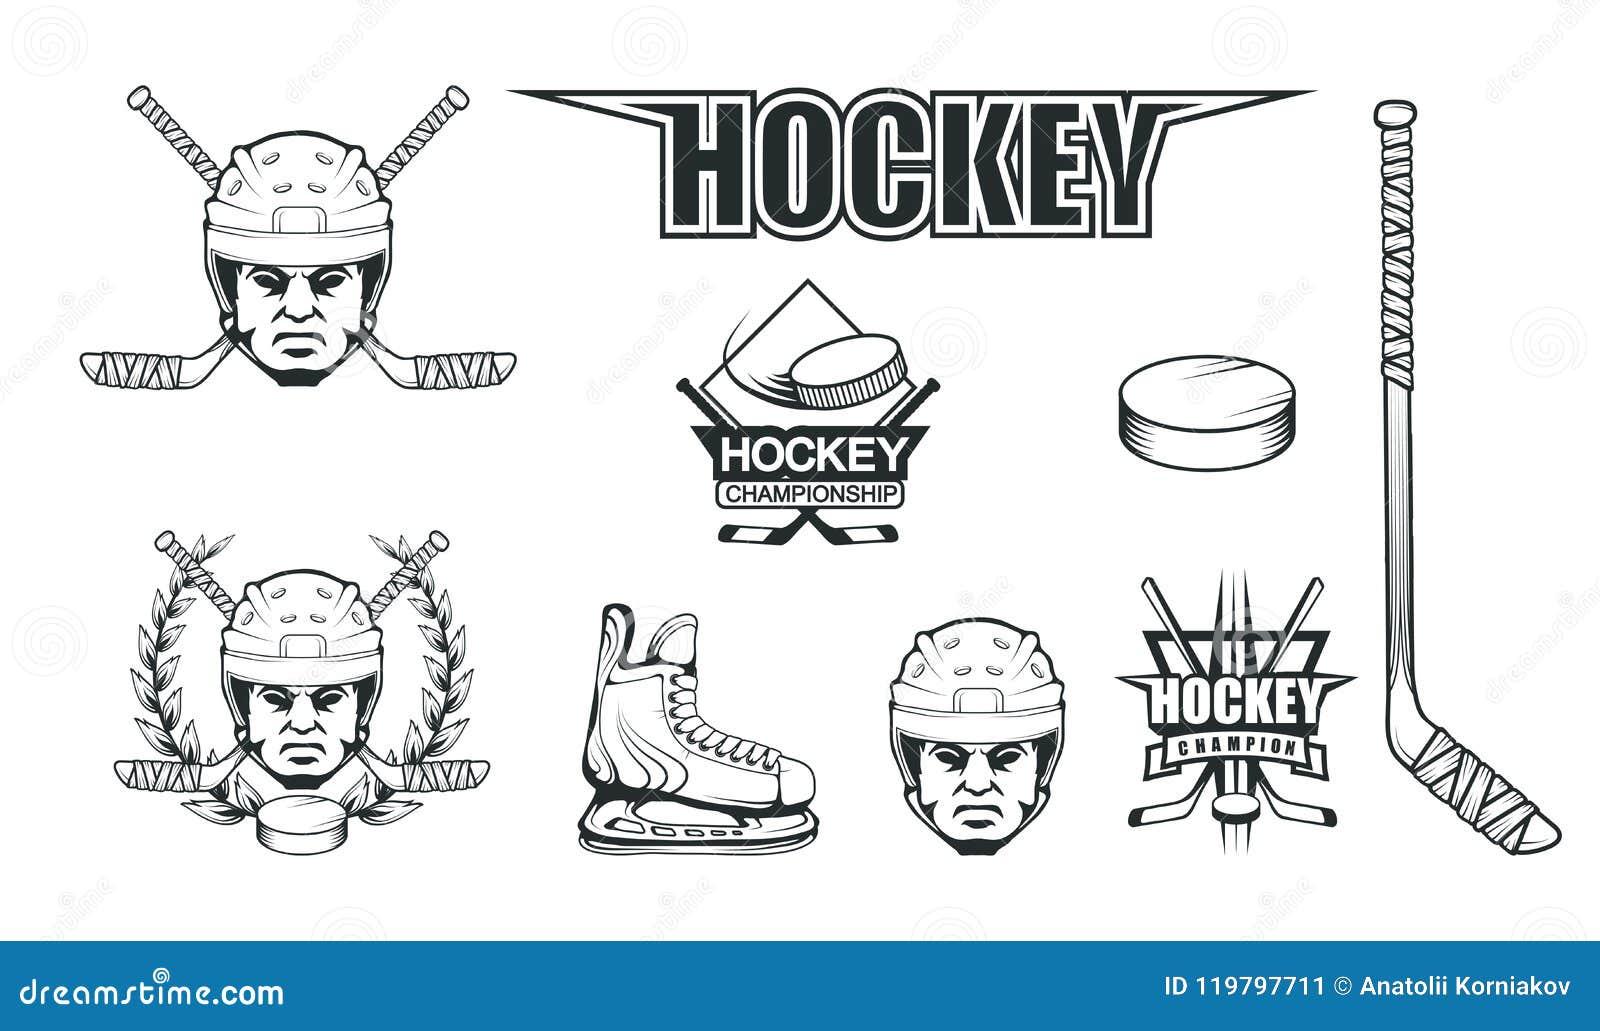 Hokejowy hełm Profesjonalista lodowa ilustracja Czaszka z hokejowym hełmem Lodowy gra logo Bramkarz maska z kijami